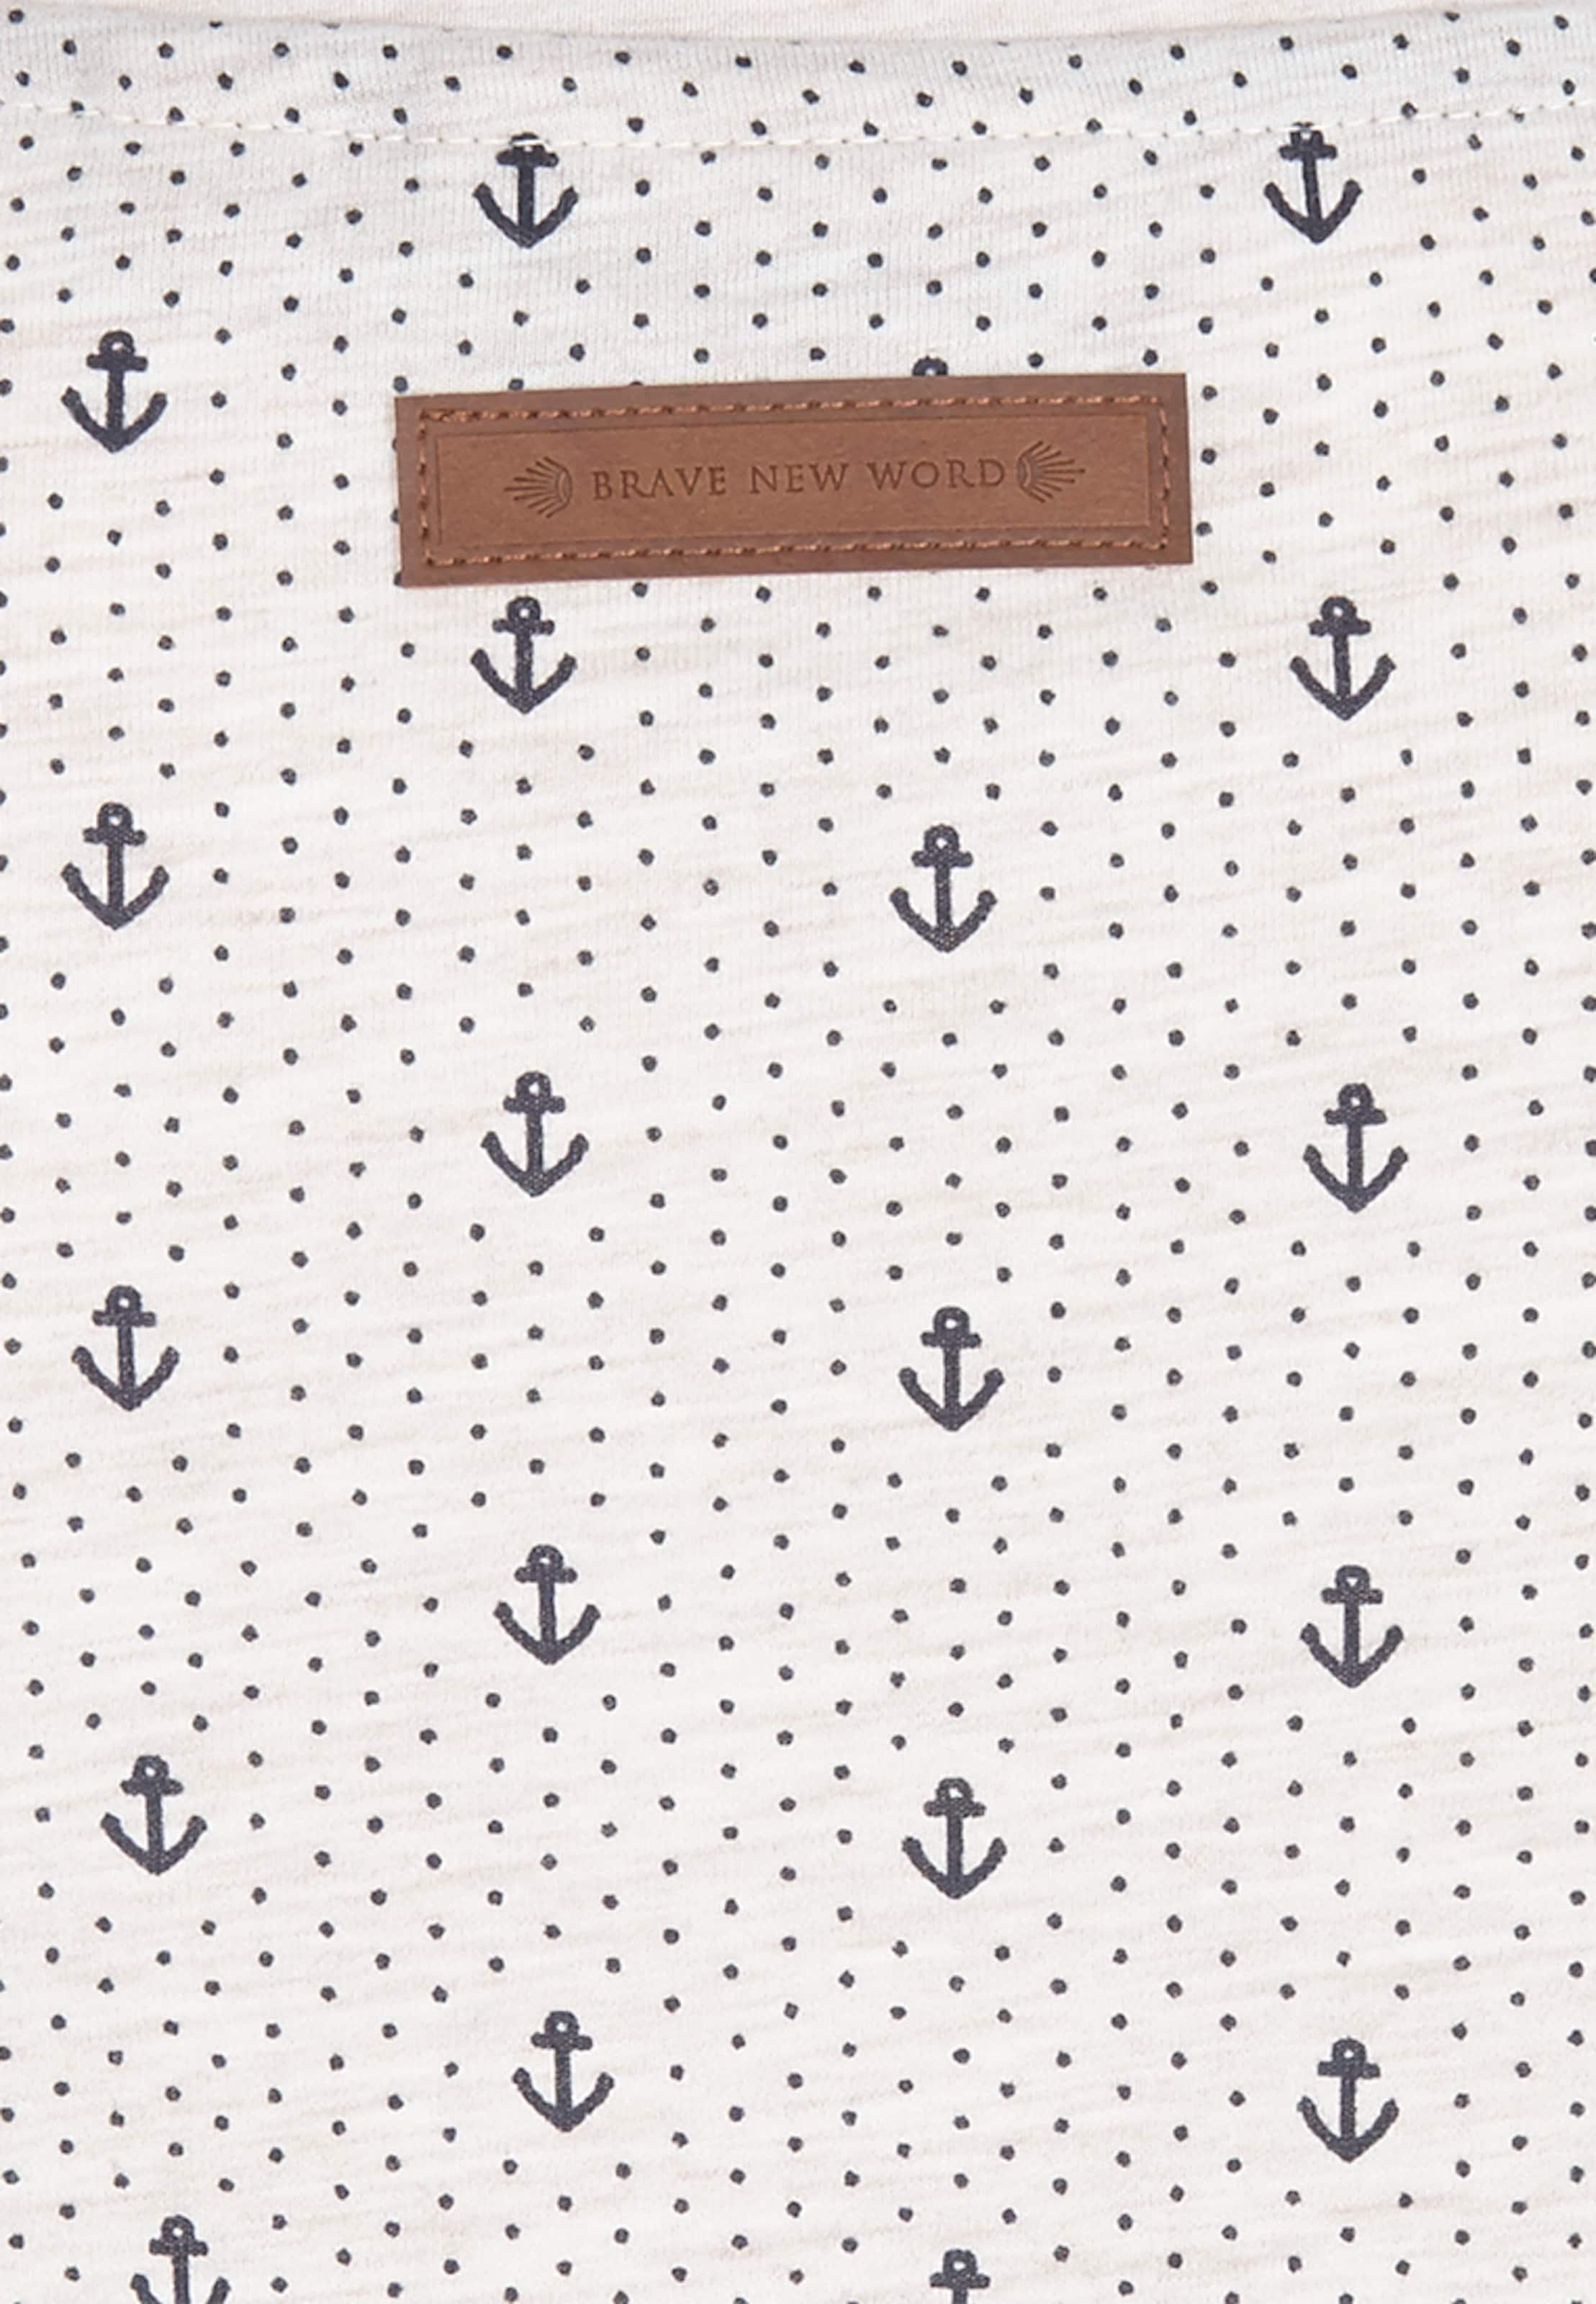 Spielraum Spielraum naketano Female Dress 'Auf Detlef caktir II' Günstig Kaufen Besuch Neu Freies Verschiffen Die Besten Preise BEyVUlLNu